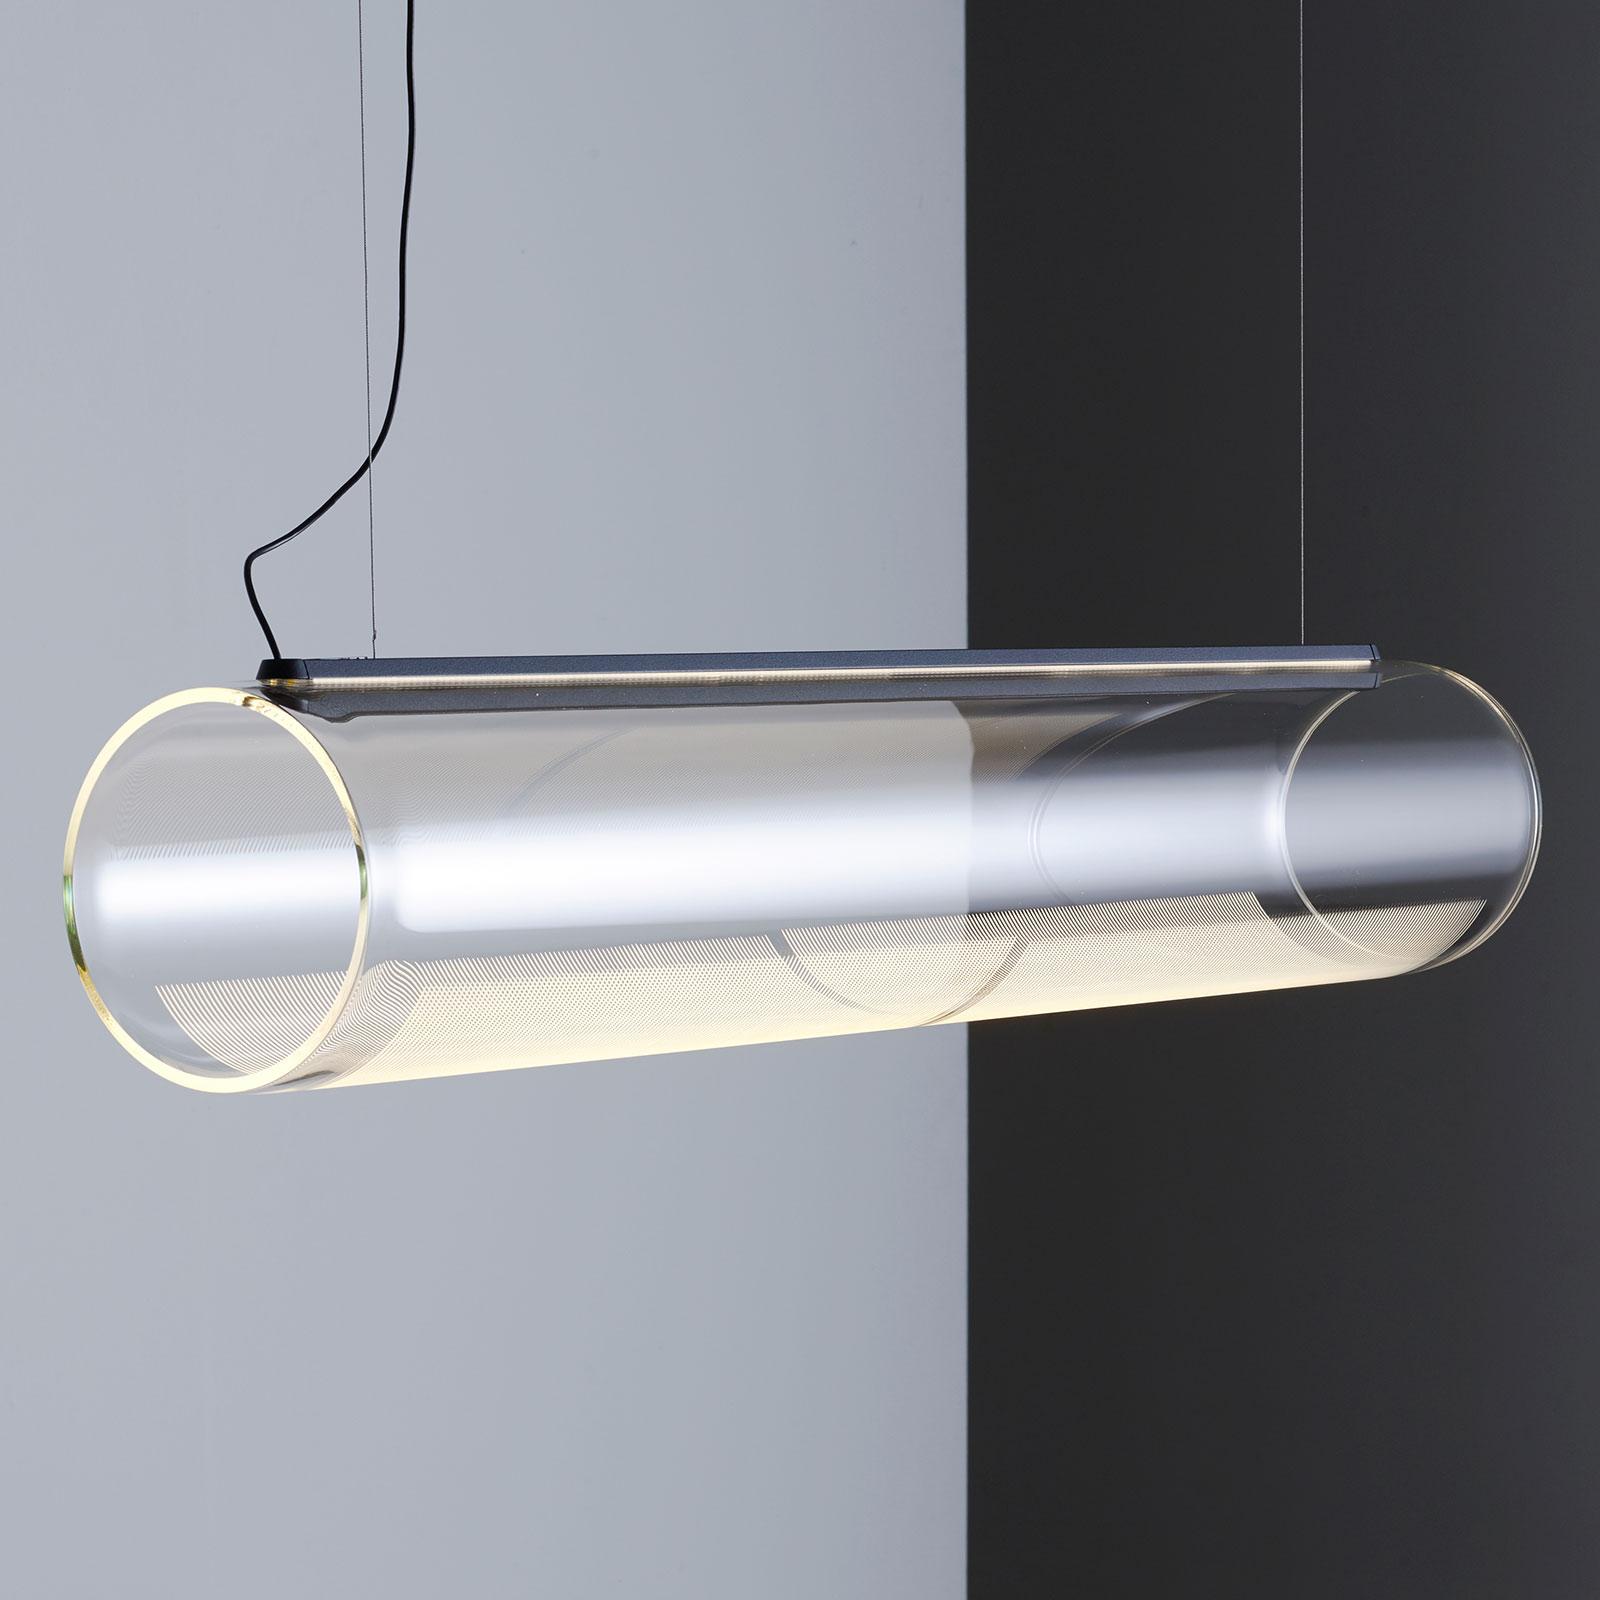 Vibia Guise 2277 LED-Hängeleuchte, Länge 89 cm